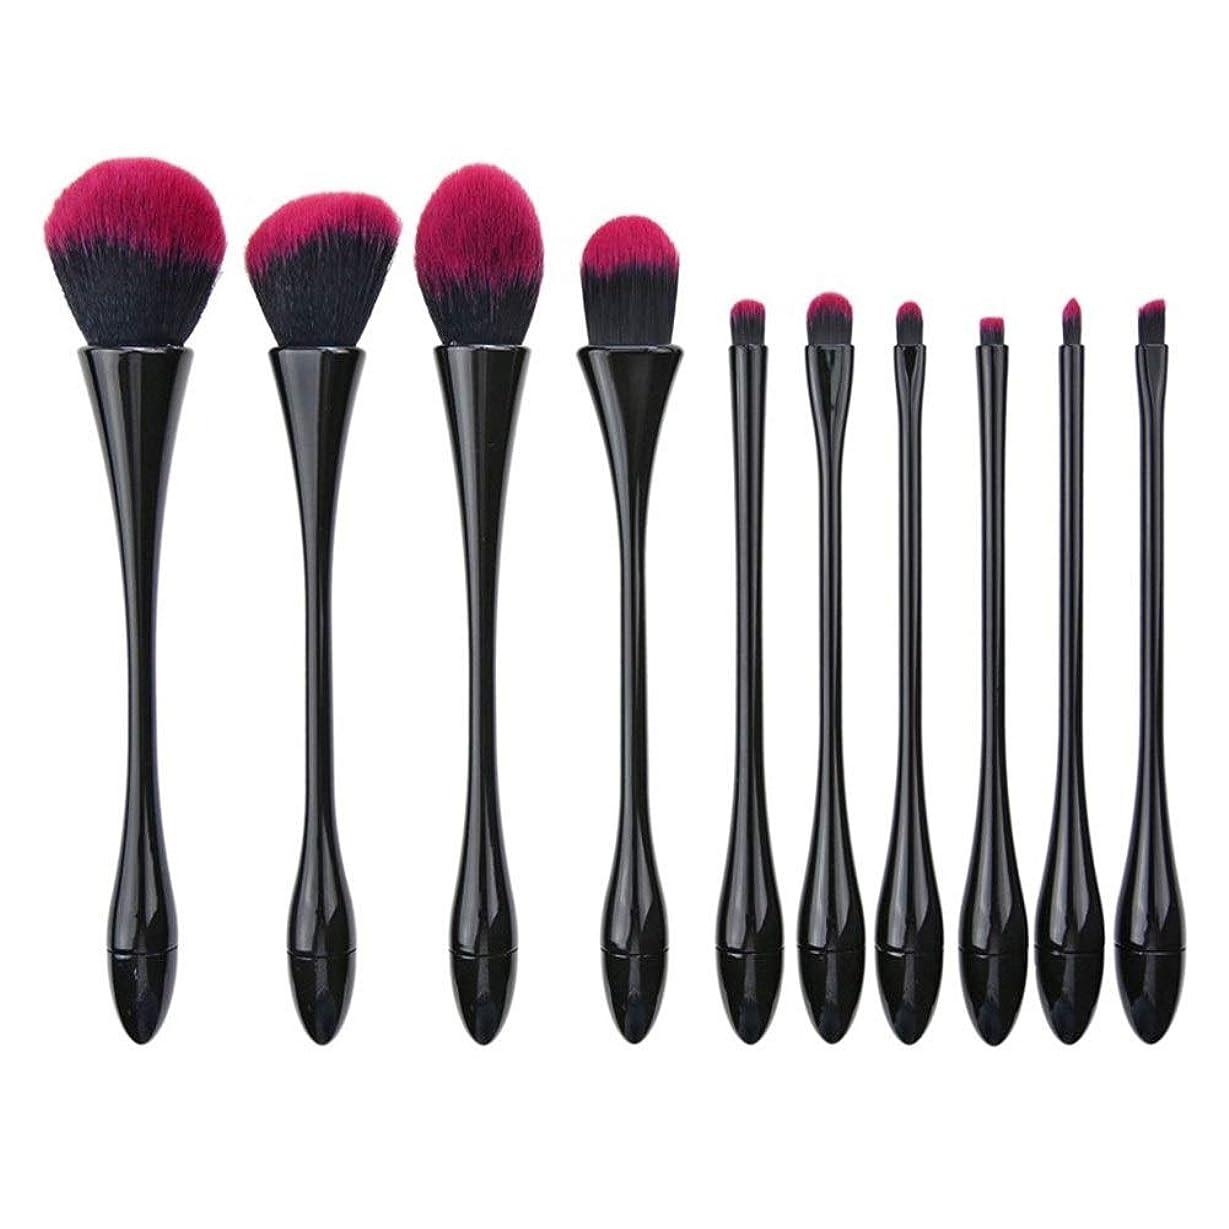 息切れモトリーアナロジーZHILI 化粧ブラシセット10ピース化粧ブラシ繊維シルクプラスチックハンドル化粧道具パウダーブラシ赤面ブラシコンシーラーブラシポータブル化粧ブラシセット